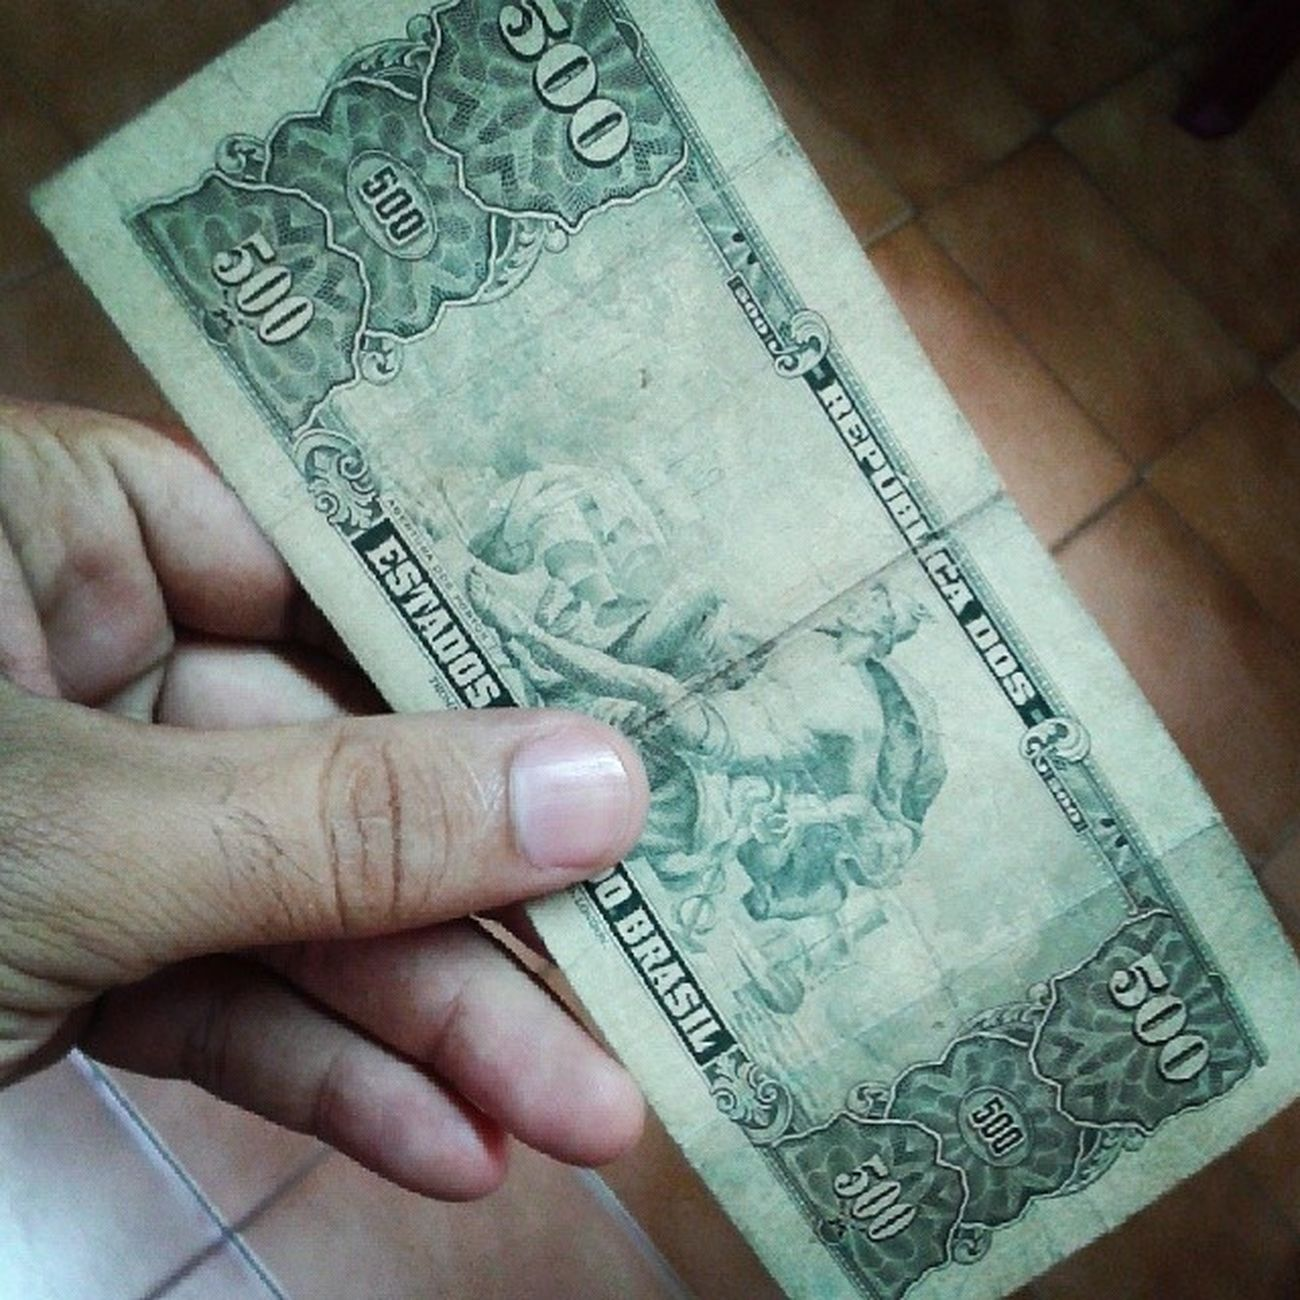 Olhem o detalhe do verso da nota... parecia dólar... EstadosUnidosDoBrasil